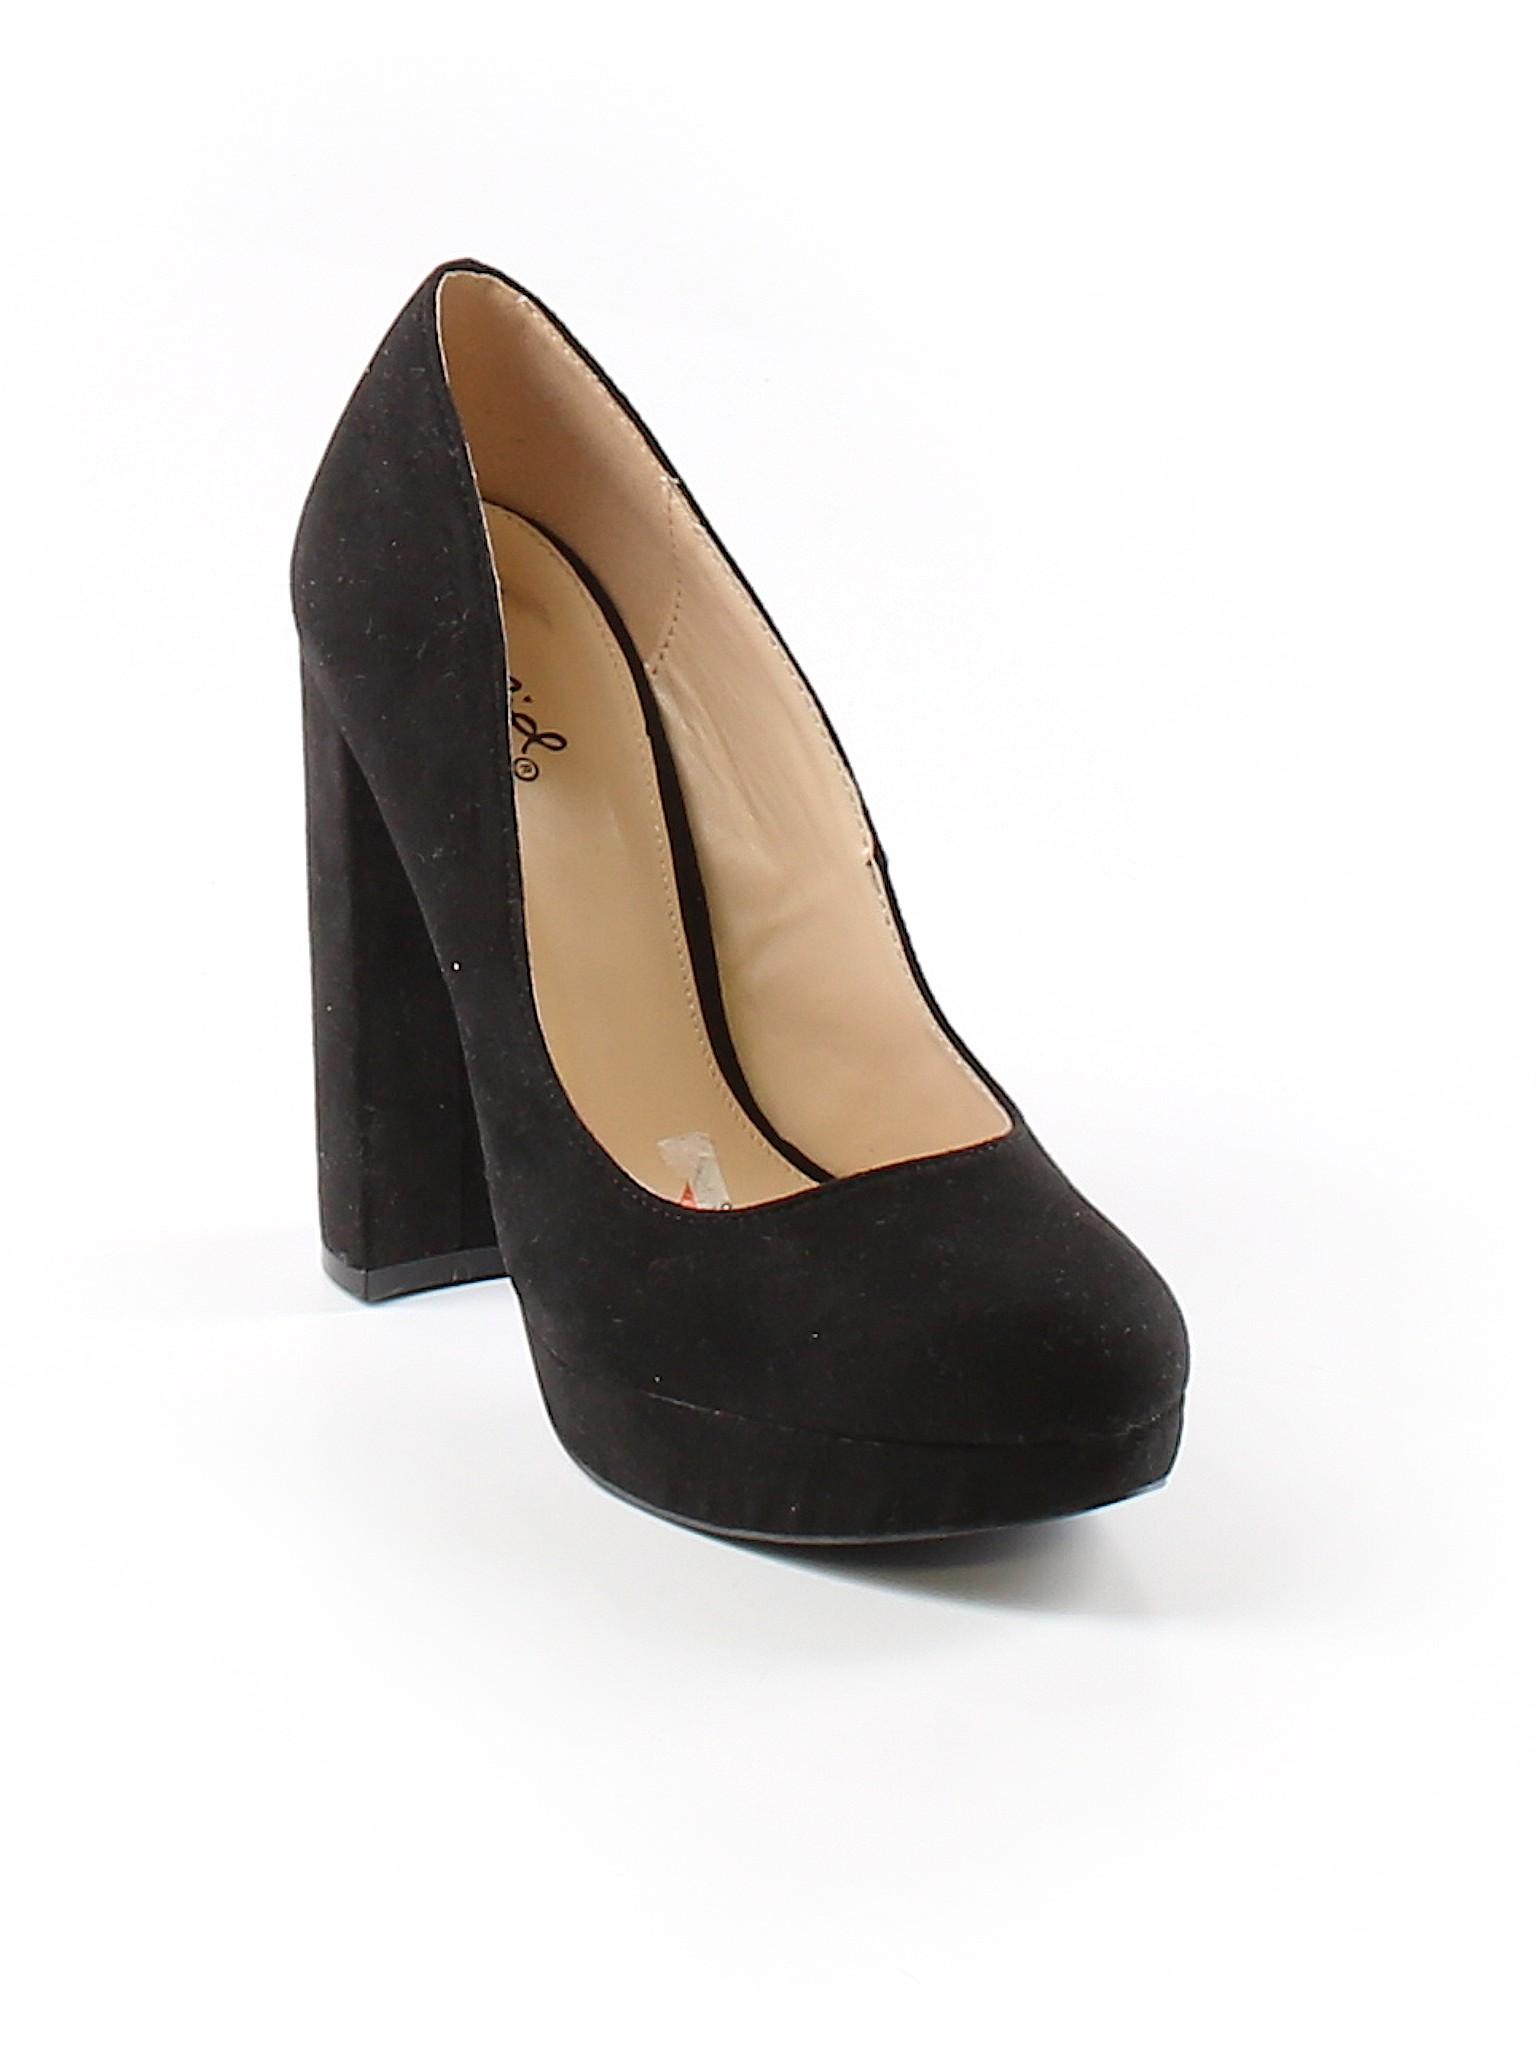 promotion Heels promotion Boutique Qupid Boutique EFOqHwnqxZ